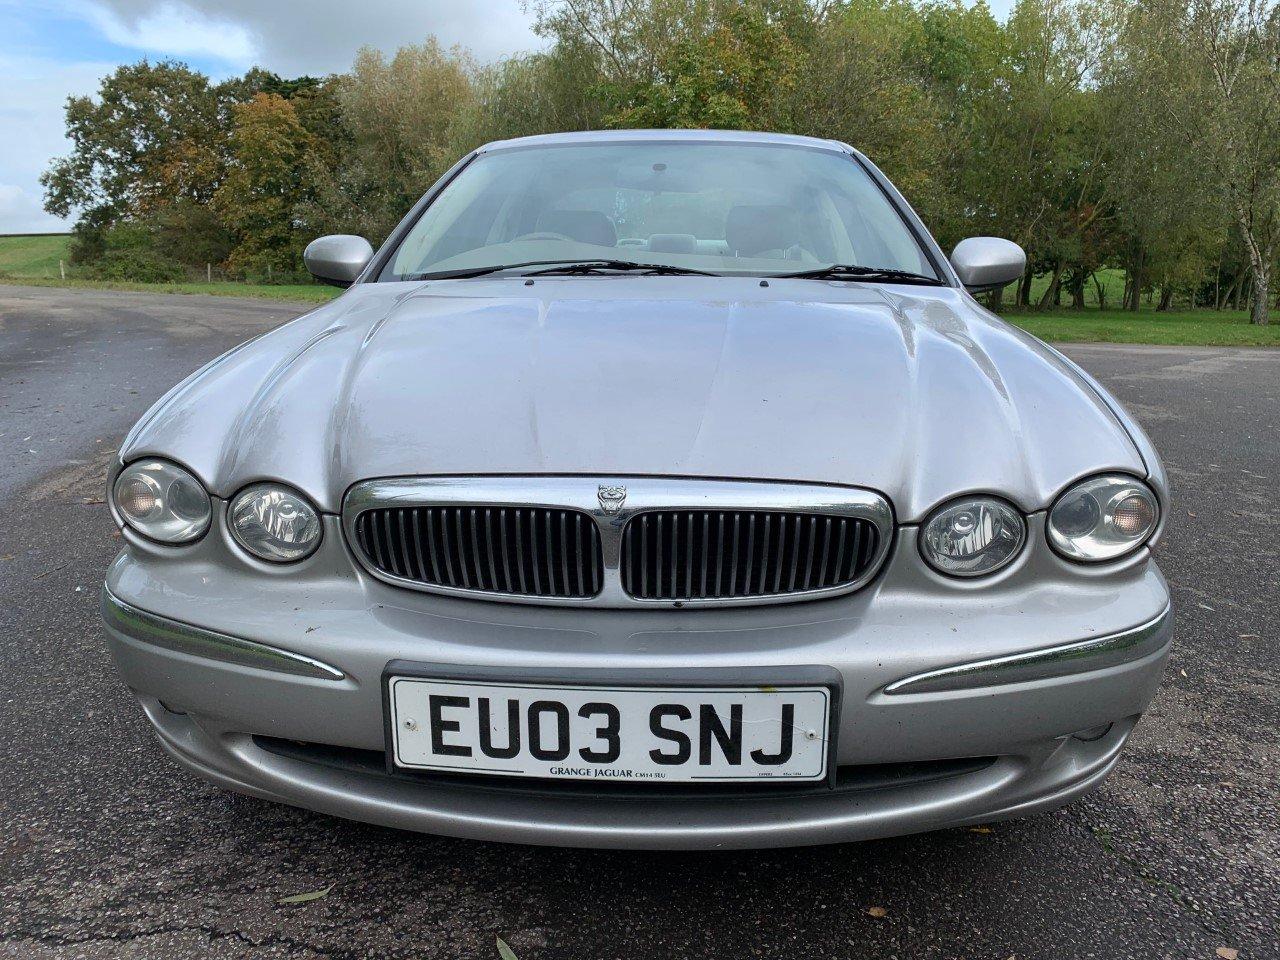 2003 Jaguar X-Type 2.5 V6 SE Auto For Sale (picture 2 of 6)